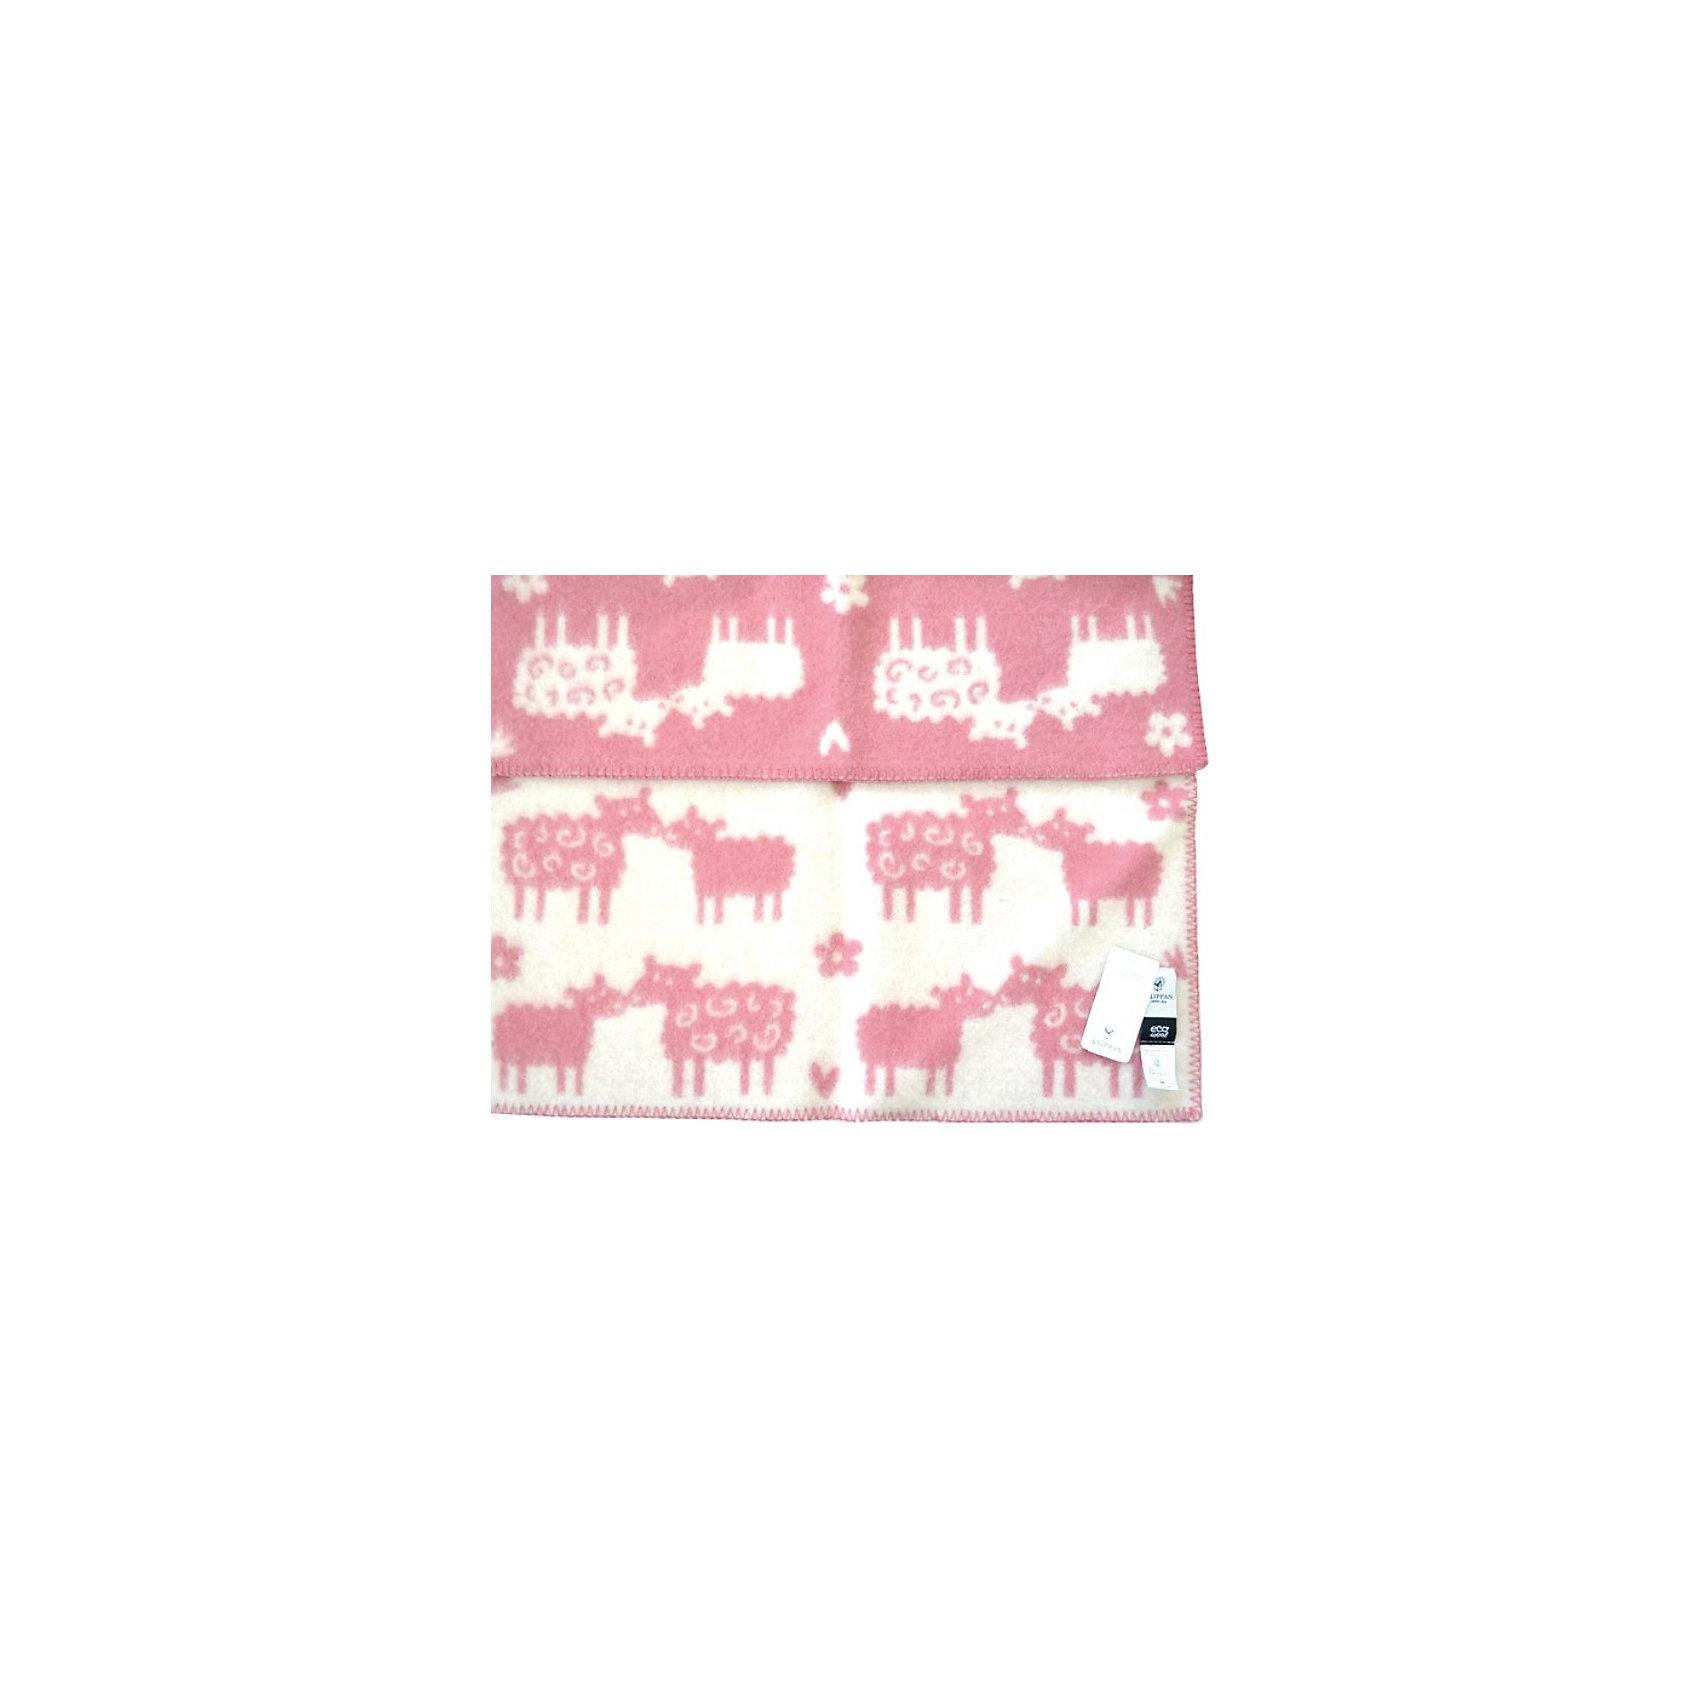 Одеяло-плед из эко-шерсти Овечки 65х90, Klippan, розовый/белыйМягкие и уютные детские шерстяные одеяла Klippan (Клиппан) специально созданы для нежного сна малышей. Натуральное экологичное сырье - основа для готовых изделий, абсолютно безопасных для детского здоровья.<br>Eco wool - ЭКО-шерсть - инновация от Klippan. Экологический хлопок производится на рынке уже много лет, а экологическая шерсть – большая редкость. Дело в том, что производство шерсти до последнего времени  невозможно было представить без использования пестицидов, как единственного средства для борьбы с насекомыми на шерсти овец. Группа фермеров из Новой Зеландии опробовала и внедрила такой процесс разведения овец, при котором животных обрабатывают пестицидами лишь однажды, при рождении. Это гарантирует отсутствие вредных химических компонентов в шерсти взрослой овцы.  Кроме того, к животным не применяют  антибиотики, осуществляется строгий контроль за качеством корма на предмет полного отсутствия вредных химикатов. ЭКО-шерсть из Новой Зеландии идеально подходит для производства шерстяных одеял и пледов. Klippan (Клиппан) – единственный производитель, который эксклюзивно  использует это сырье. Образы, созданные шведскими дизайнерами с огромным энтузиазмом и любовью подарят вашему малышу добрые и сказочные сны. <br><br>Дополнительная информация: <br><br>- Материал: 100% ЭКО-шерсть.<br>- Размер: 65x90 см.<br>- Цвет: розовый, белый.<br>- Стирка: машинная, при 30?, программа для шерсти, без отбеливателя.<br><br>Одеяло-плед из эко-шерсти ОВЕЧКИ 65х90, Klippan (розовый-белый)  можно купить в нашем магазине.<br><br>Ширина мм: 330<br>Глубина мм: 330<br>Высота мм: 40<br>Вес г: 400<br>Возраст от месяцев: 0<br>Возраст до месяцев: 18<br>Пол: Женский<br>Возраст: Детский<br>SKU: 3911855